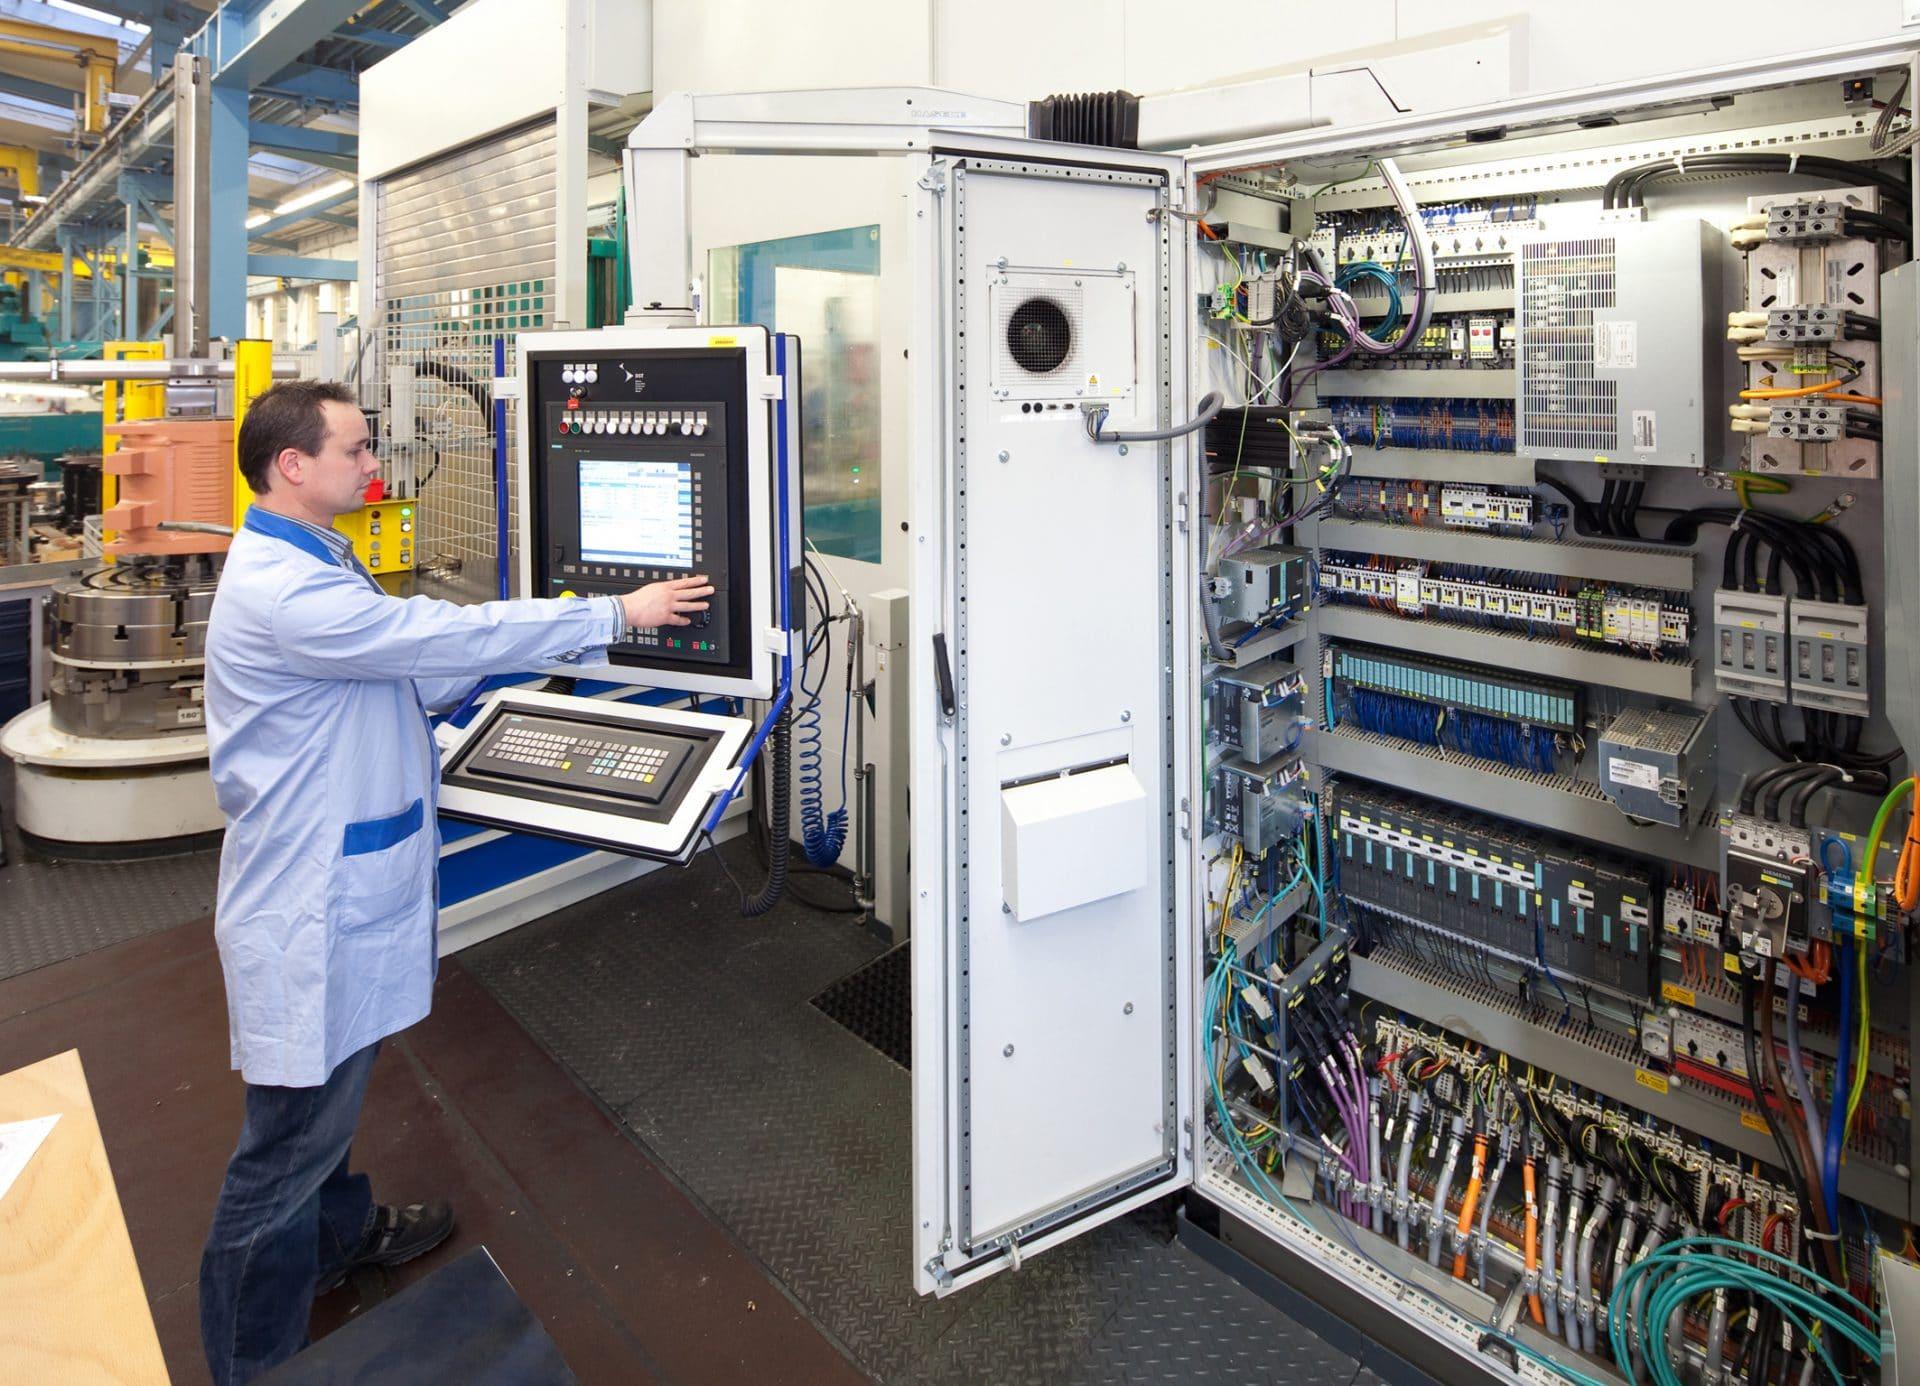 Servicetechniker beim Überprüfen der elektrischen Sicherung eines Dreh-/Fräszentrums.  Service technician checking the electrical protection of a machining/milling center.